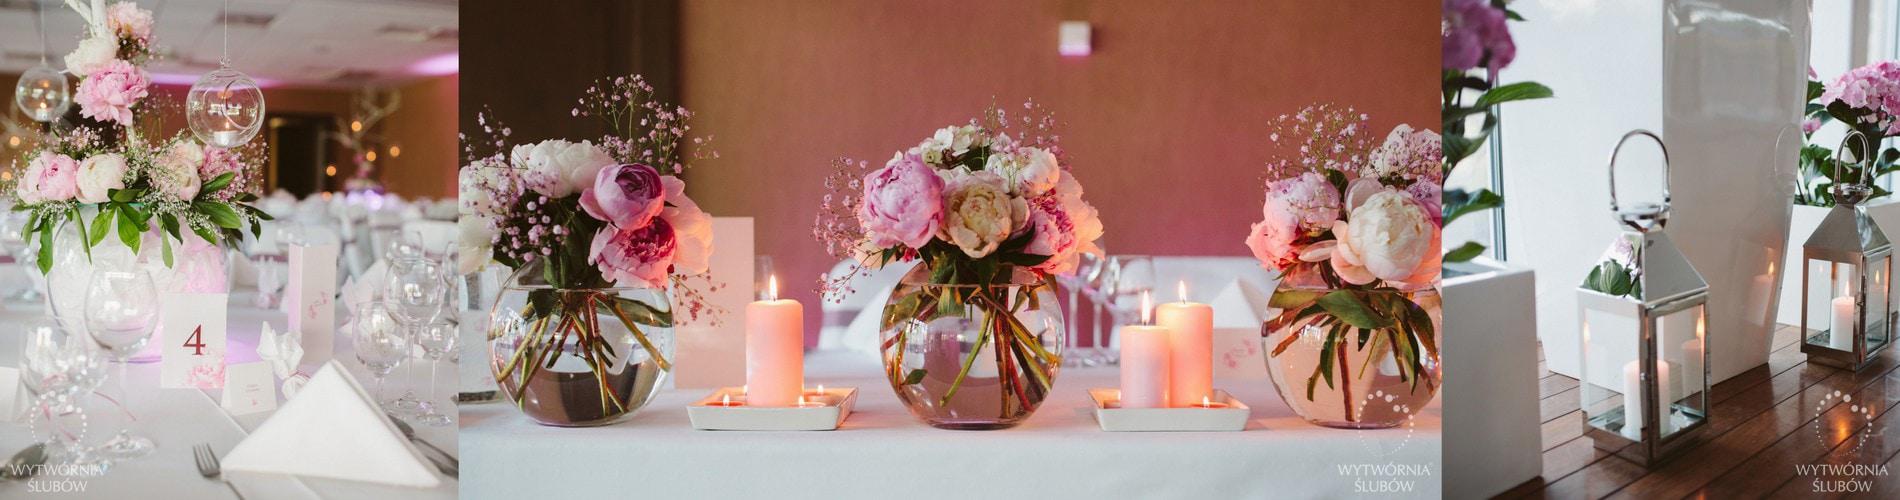 organizacja wesel Gdynia